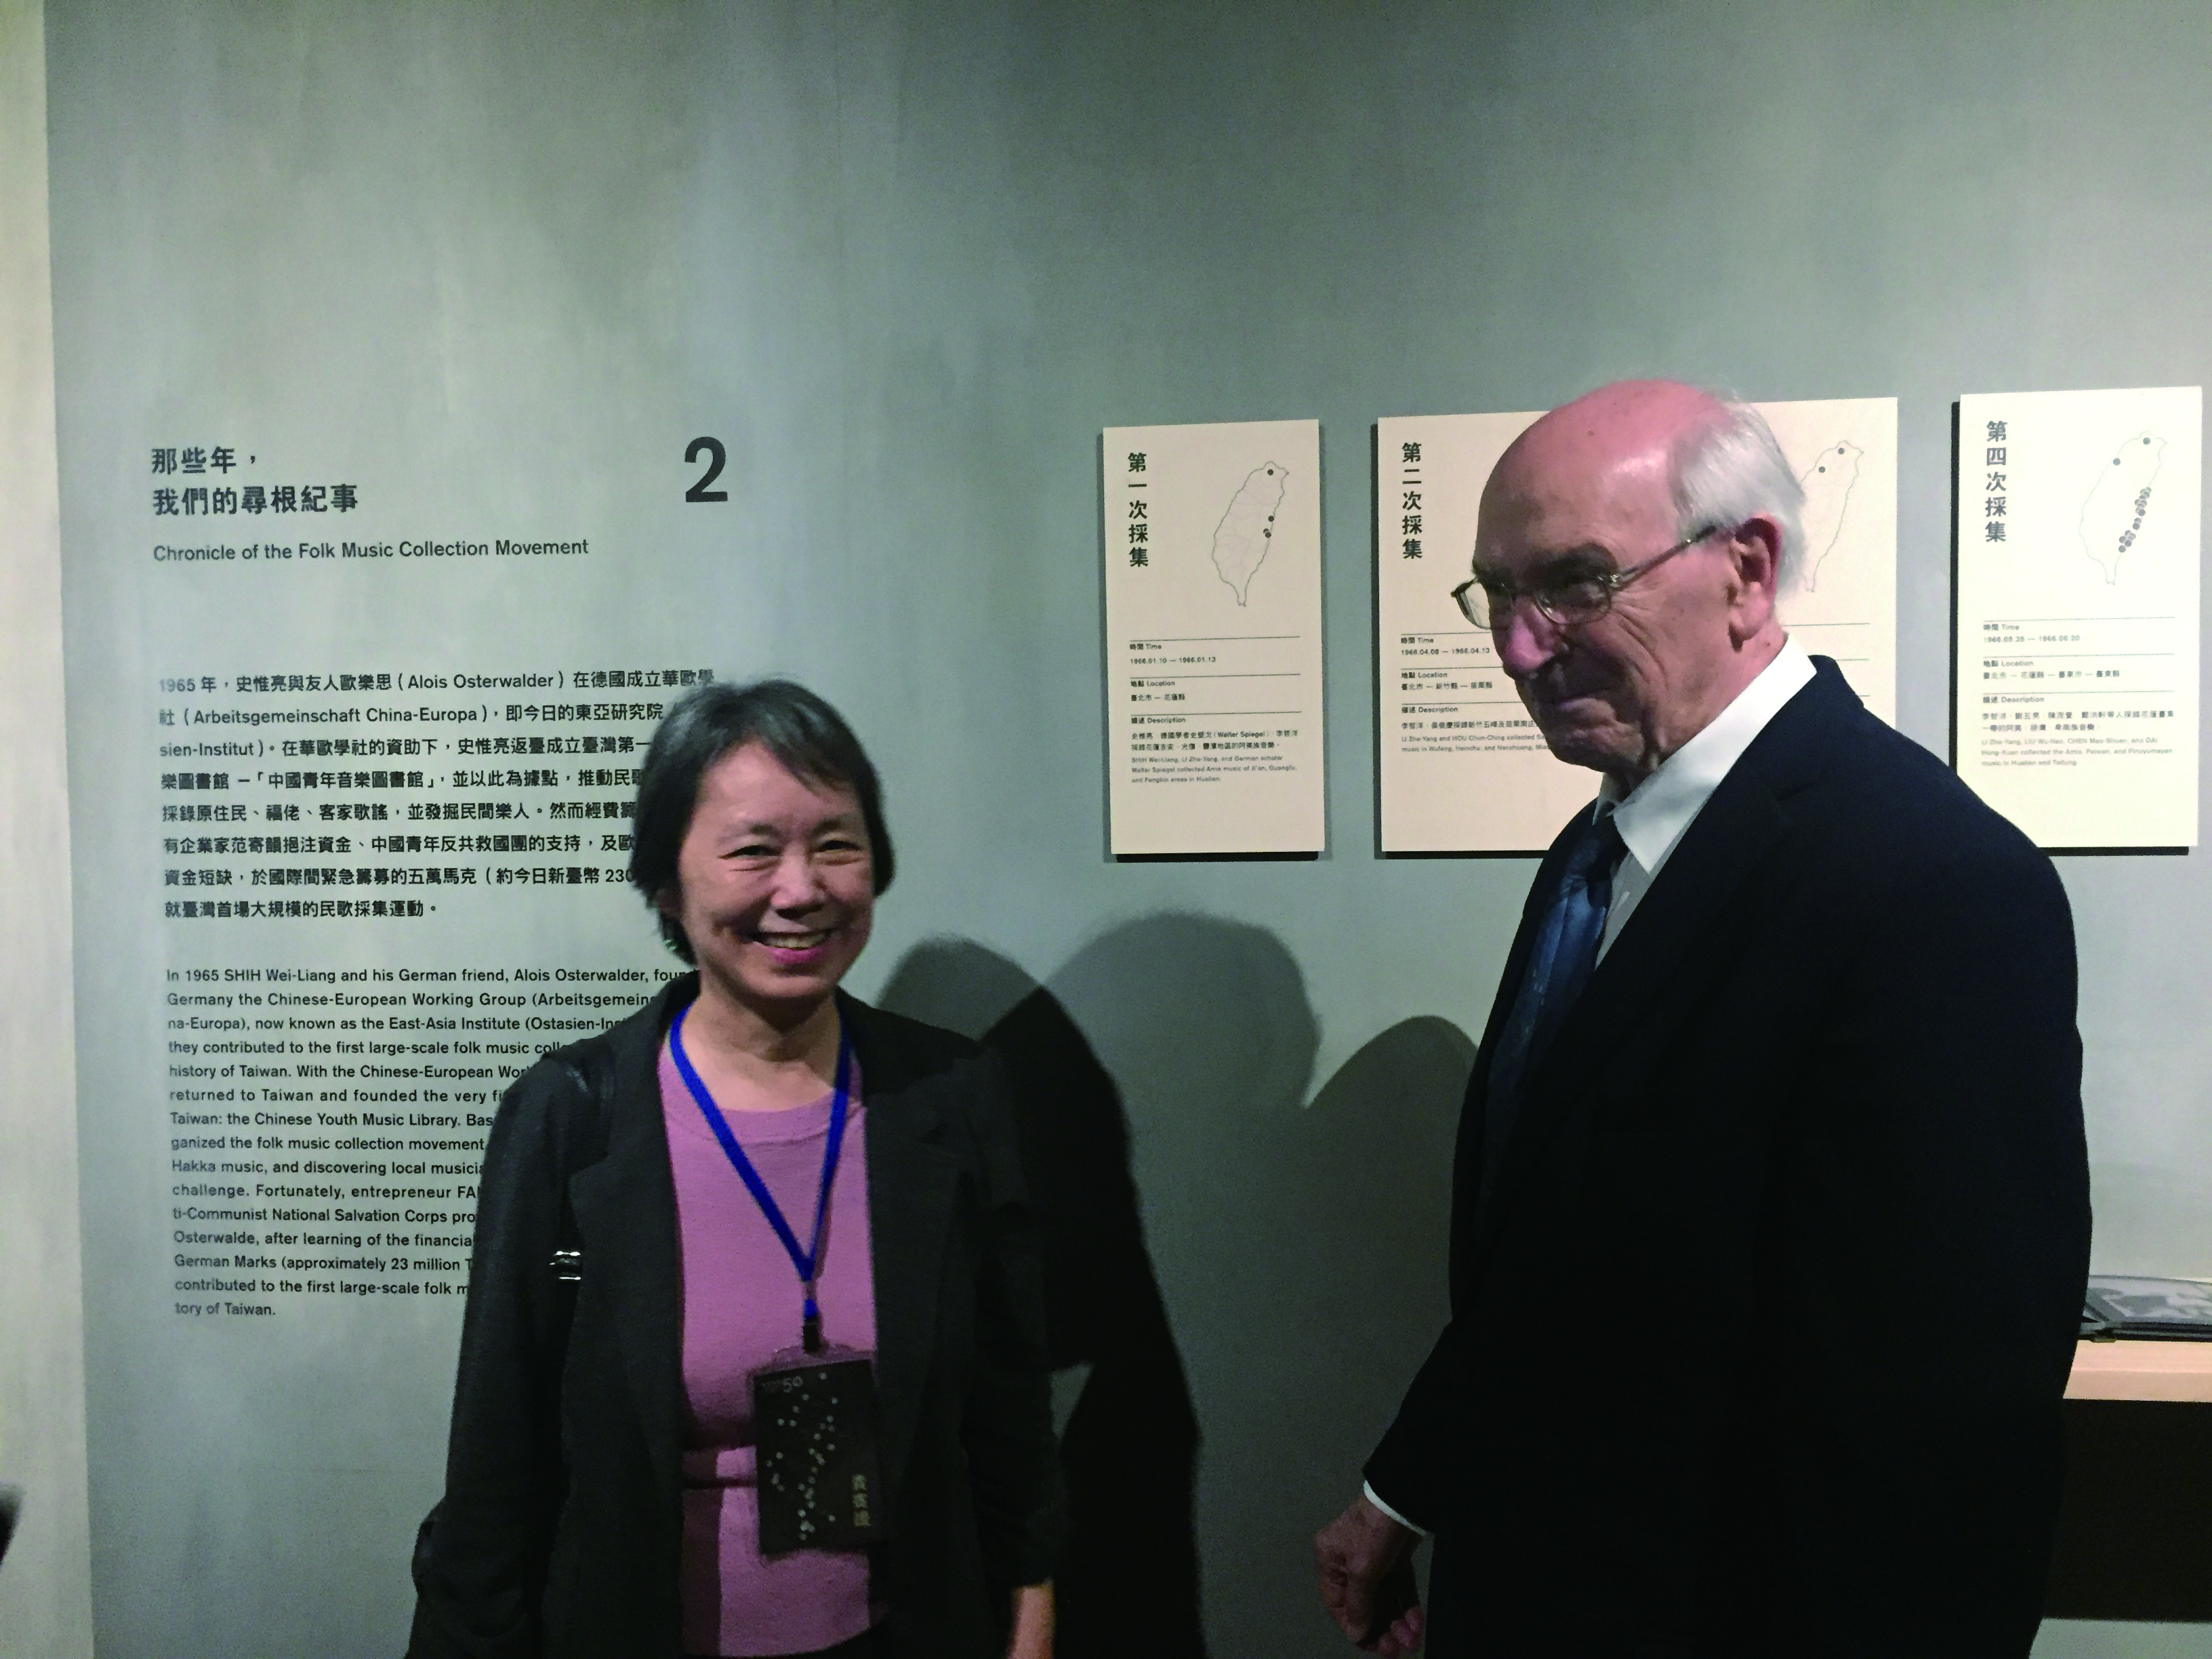 歐樂思2017年10月在臺音館參觀民歌採集50週年特展。圖左是東亞研究院現任院長,來自臺灣的黃淑娟博士。.JPG